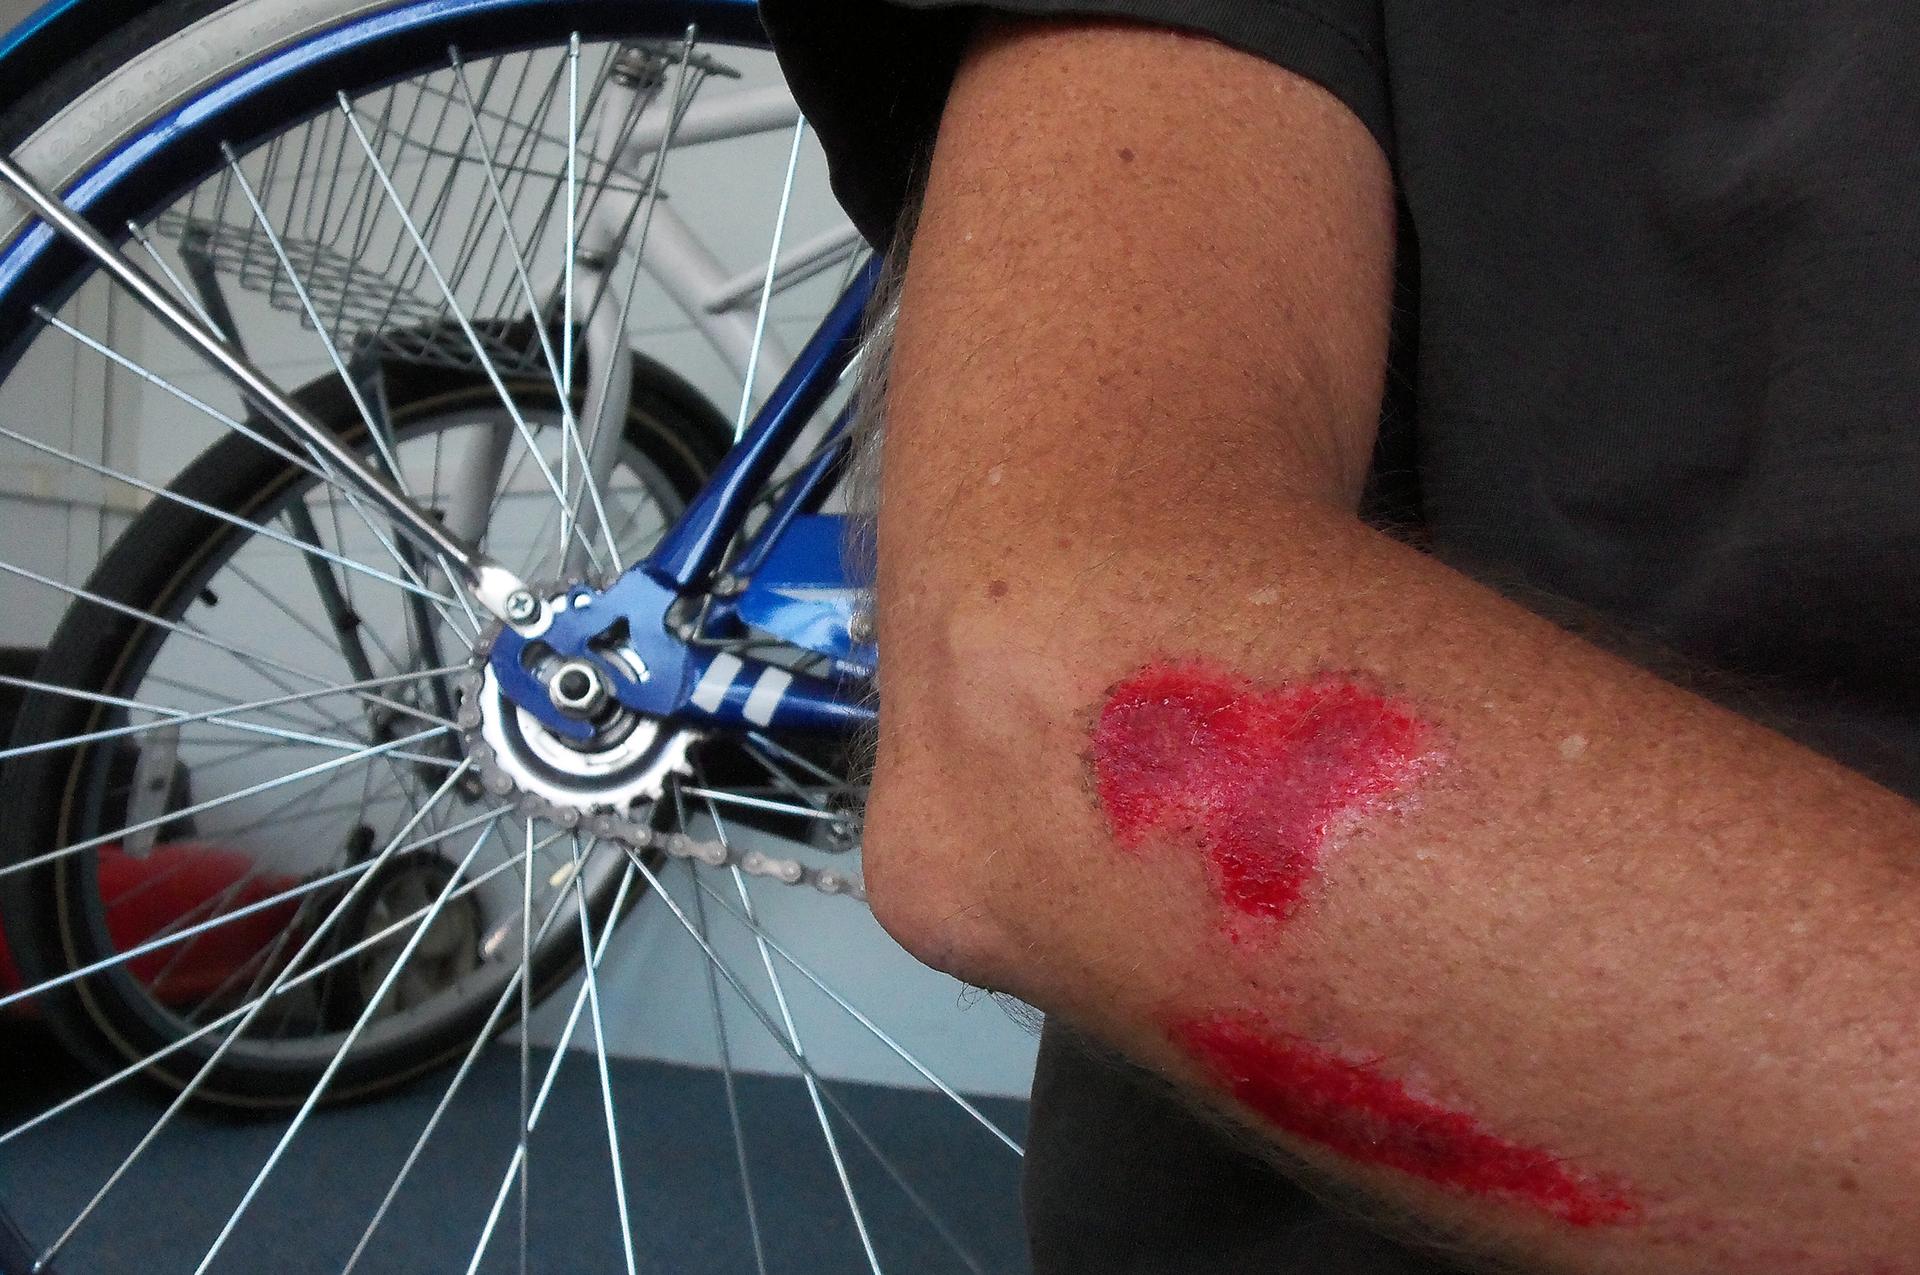 Galeria siedmiu zdjęć prezentujących różne rodzaje ran. Zdjęcie numer jeden przedstawia otarcie skóry. Zbliżenie prawej ręki. Na przedramieniu tuż poniżej łokcia zaczerwienione otarcia skóry. Wtle zdjęcia stojące rowery.